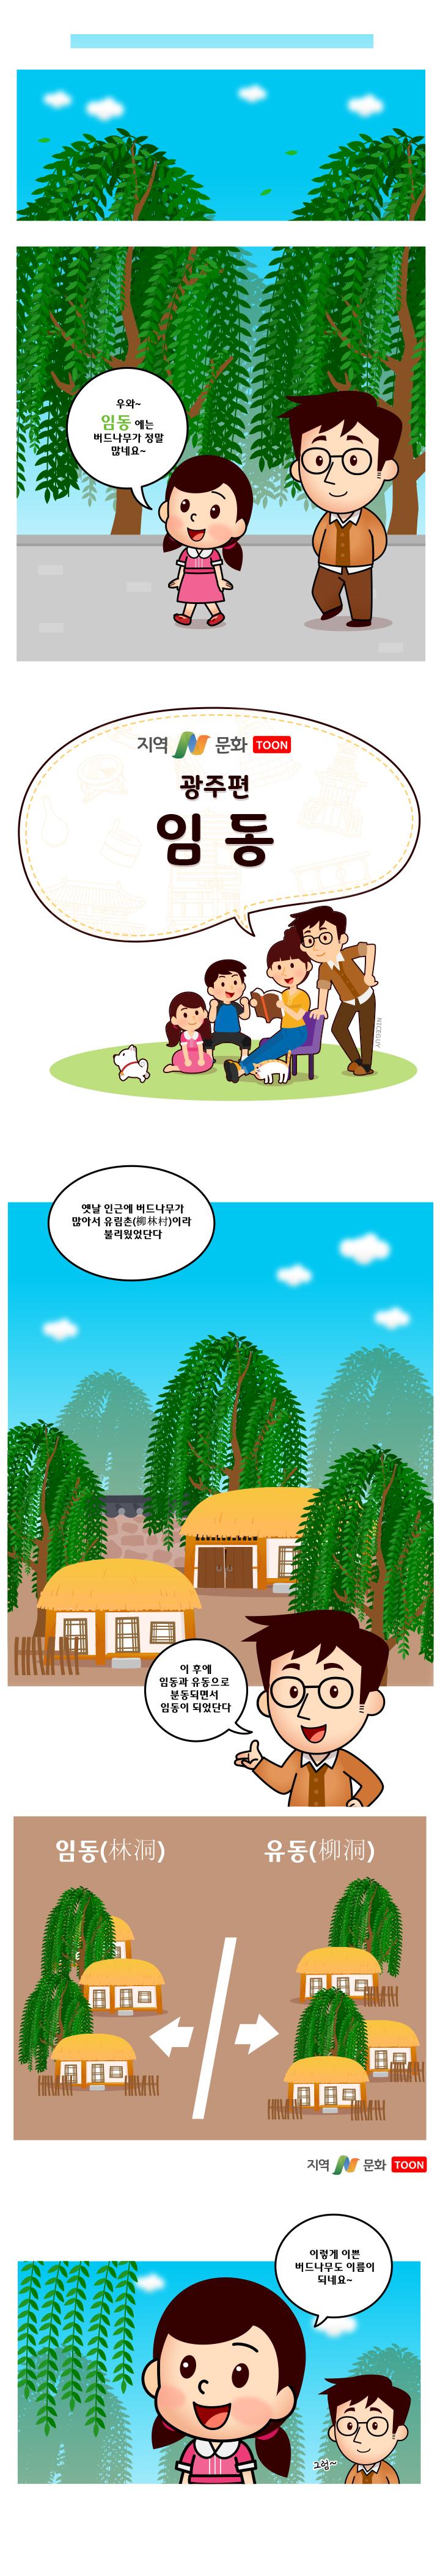 과거 광주광역시 북구 임동 지역에는 버드나무가 많아서 유림촌(柳林村)이라고 불렸다. 이 후에 임동과 유동(柳洞)으로 분동되면서 임동(林洞)이 되었다.